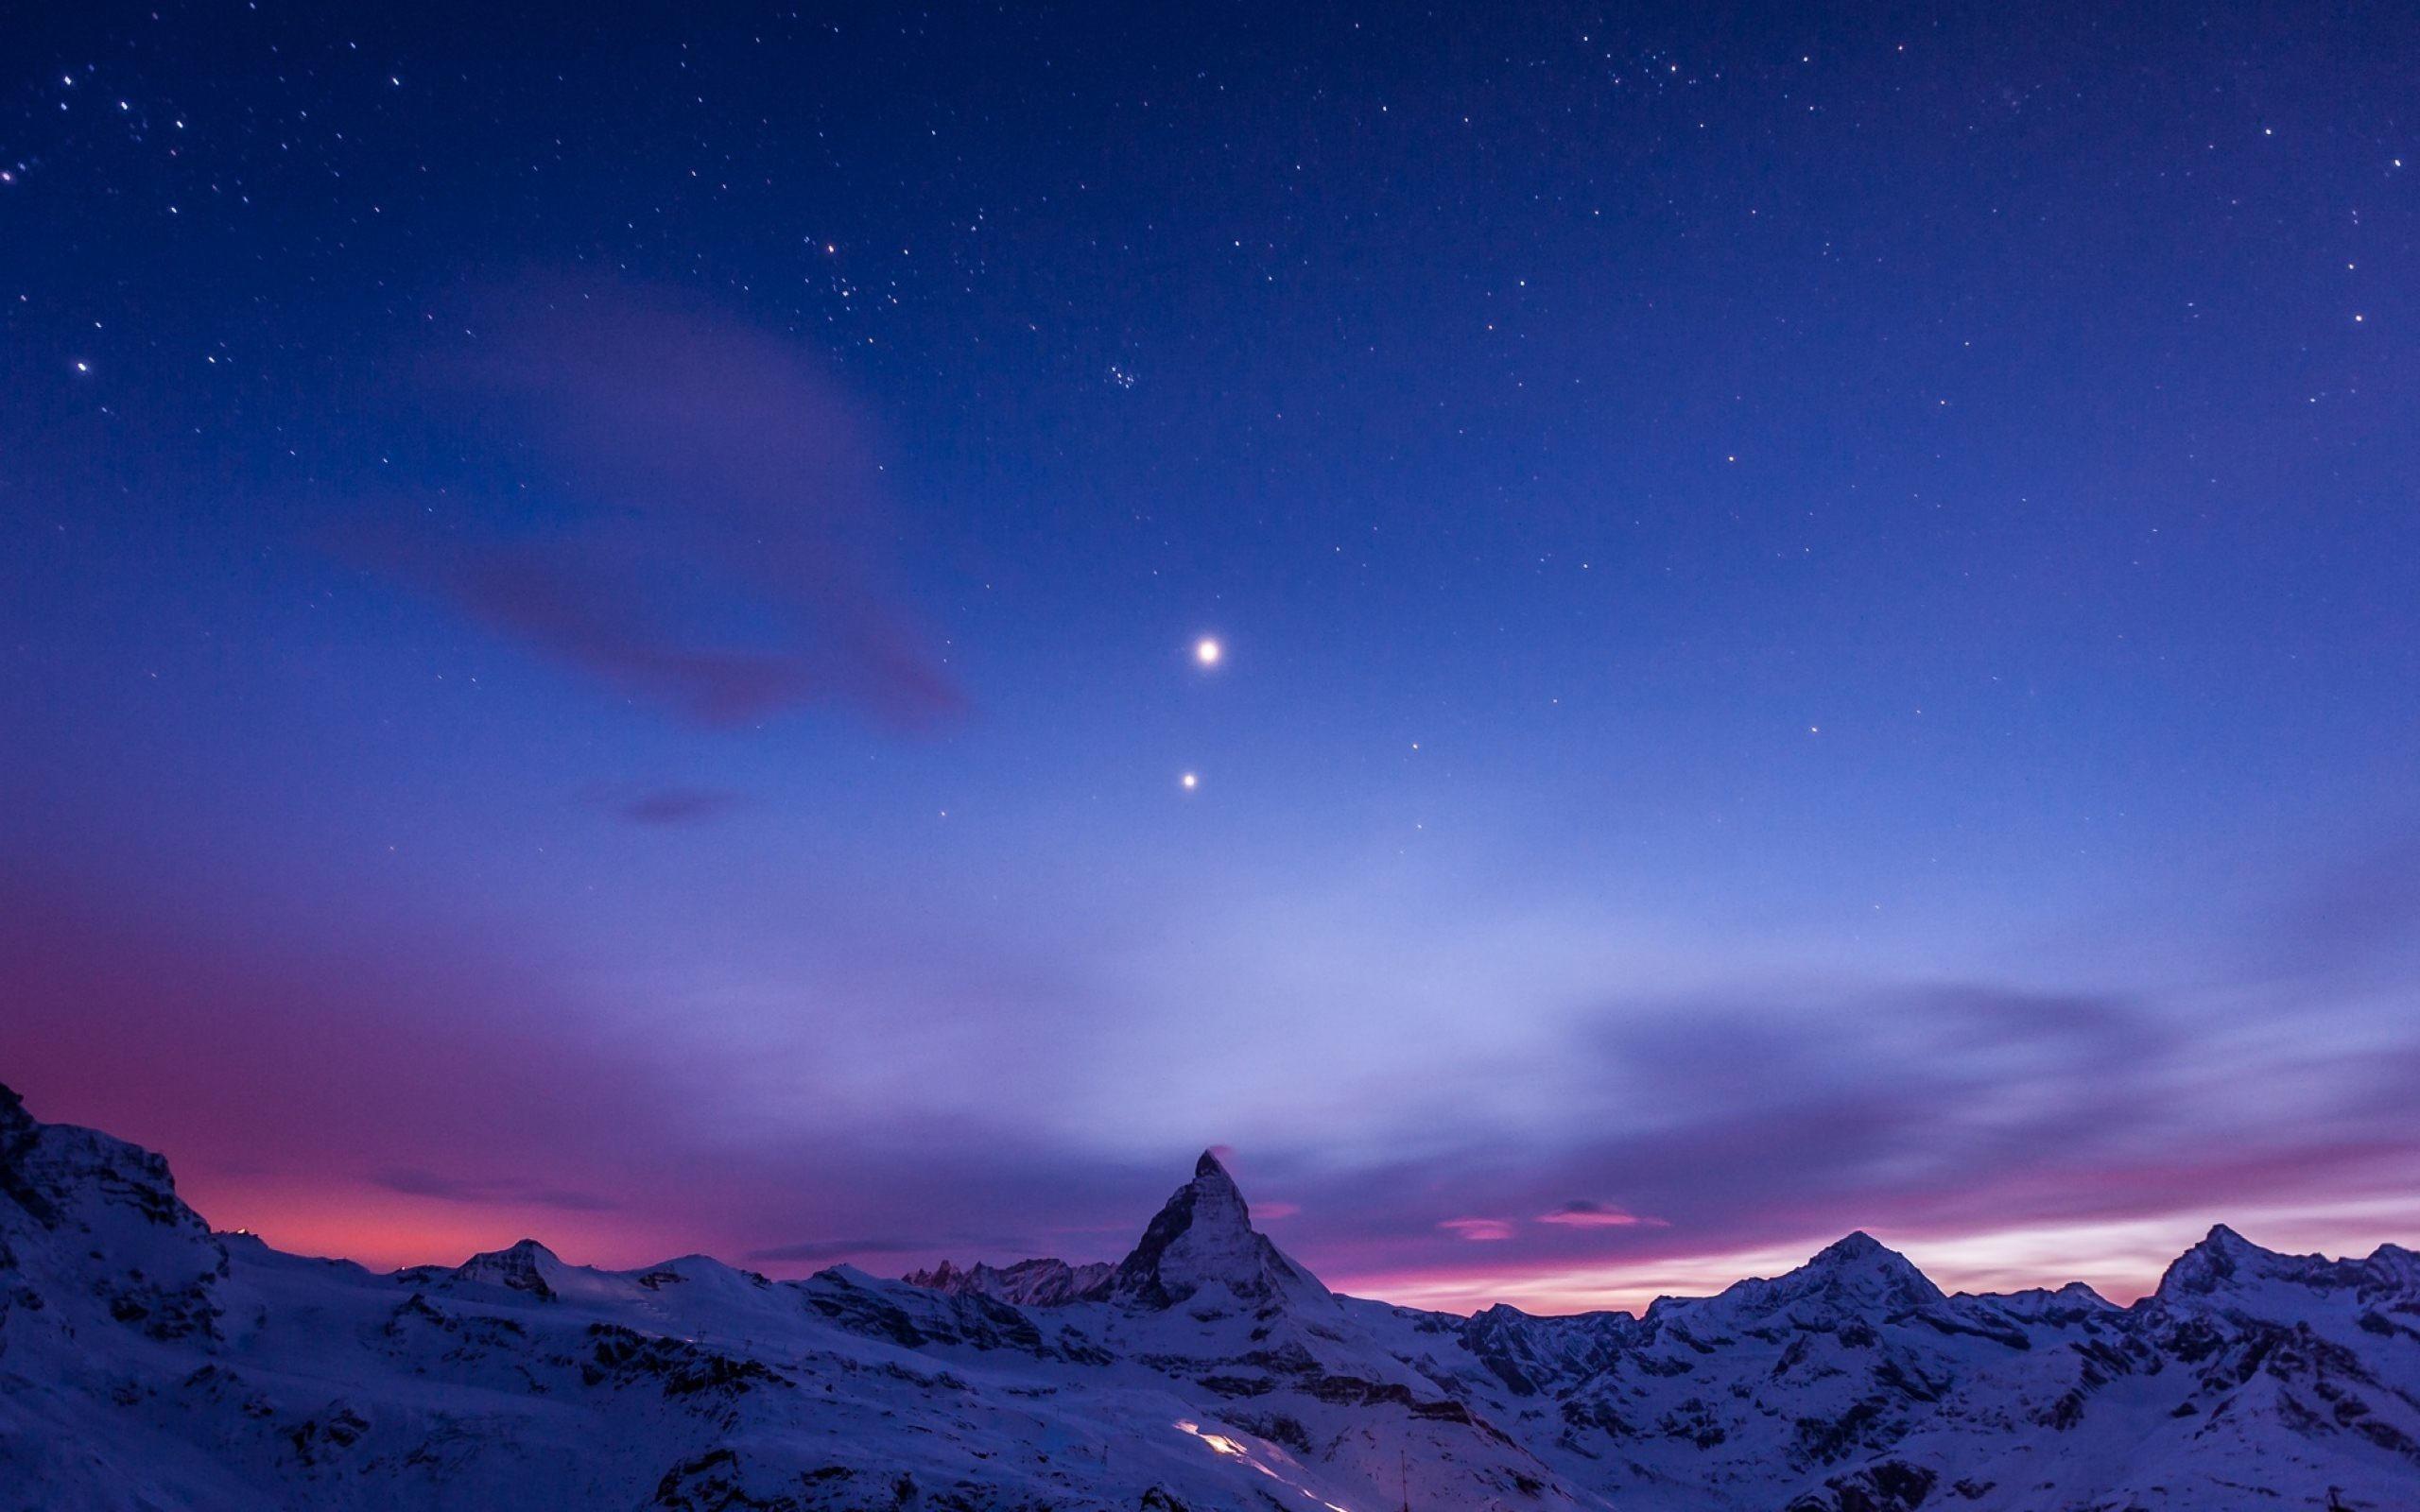 sky full of stars wallpaper (64+ images)